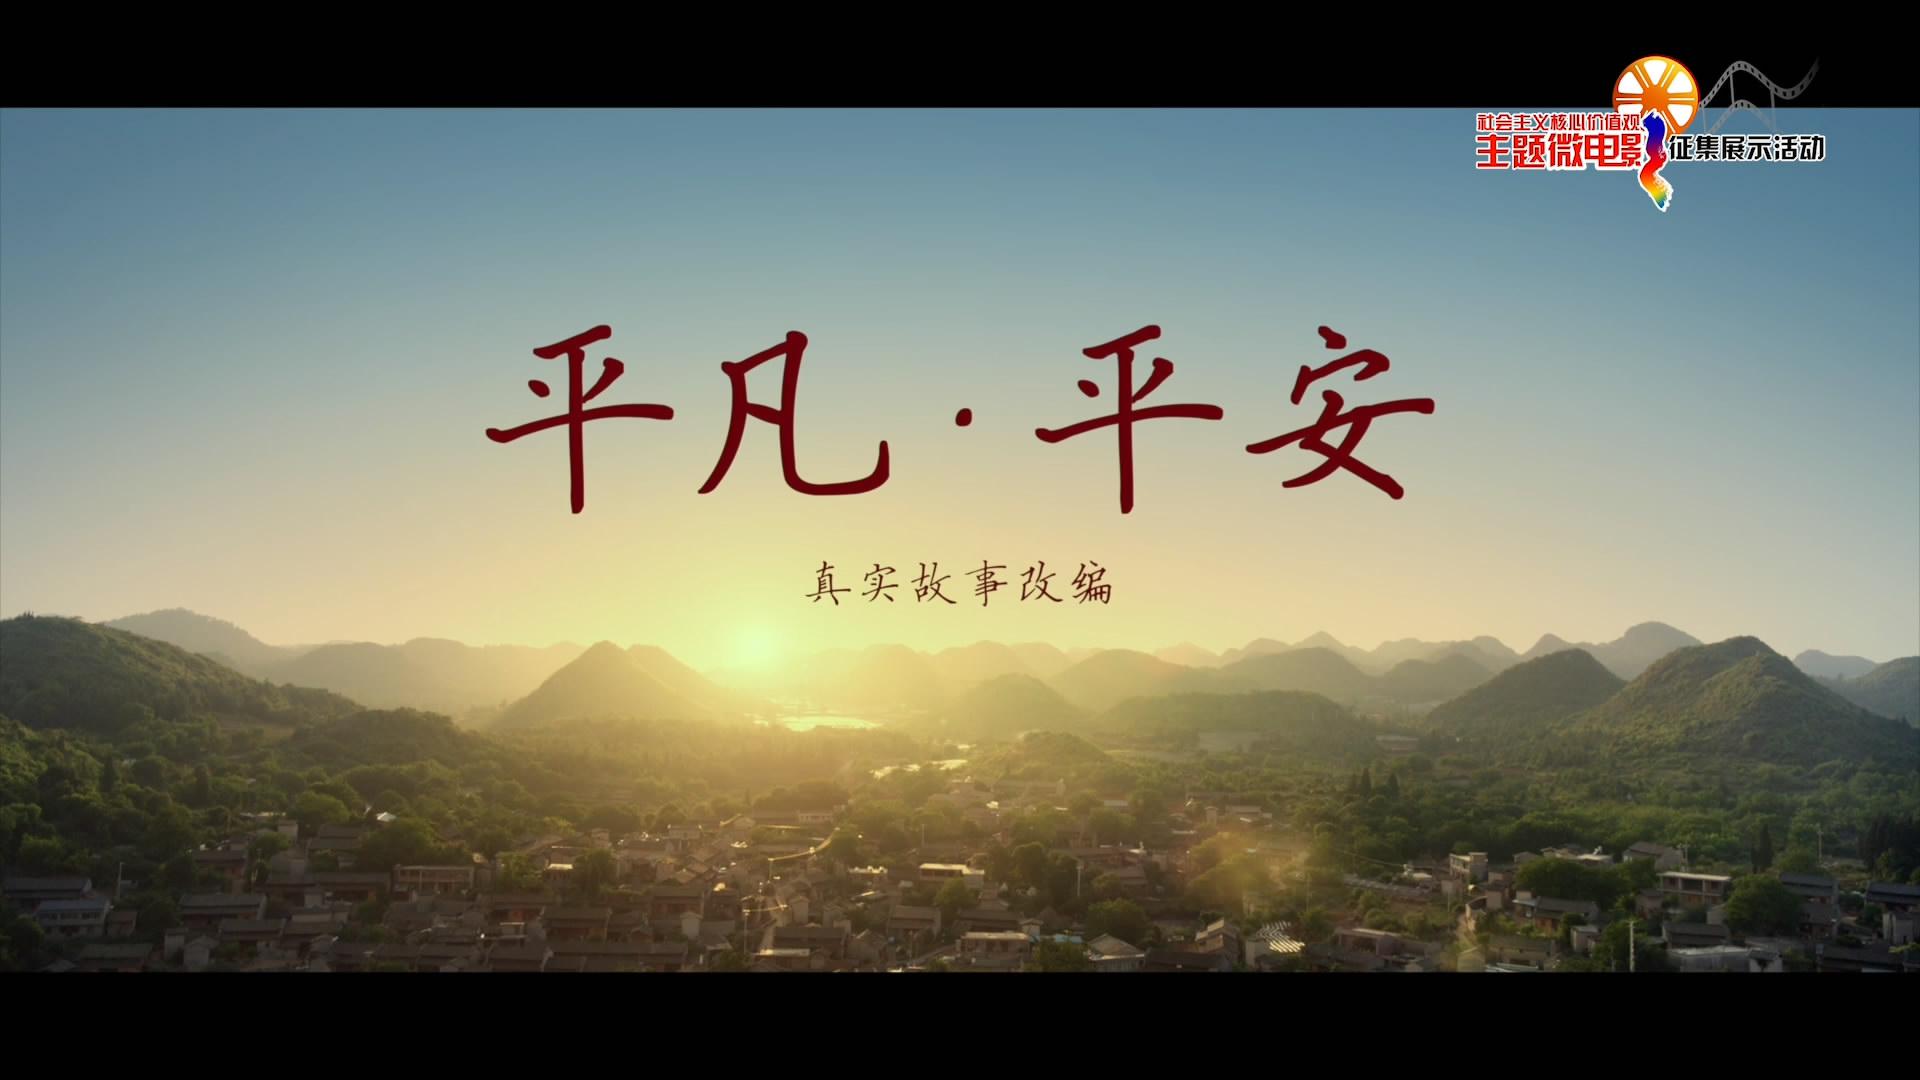 平凡•平安(云南)[00_00_02][20191231-164718-3].JPG